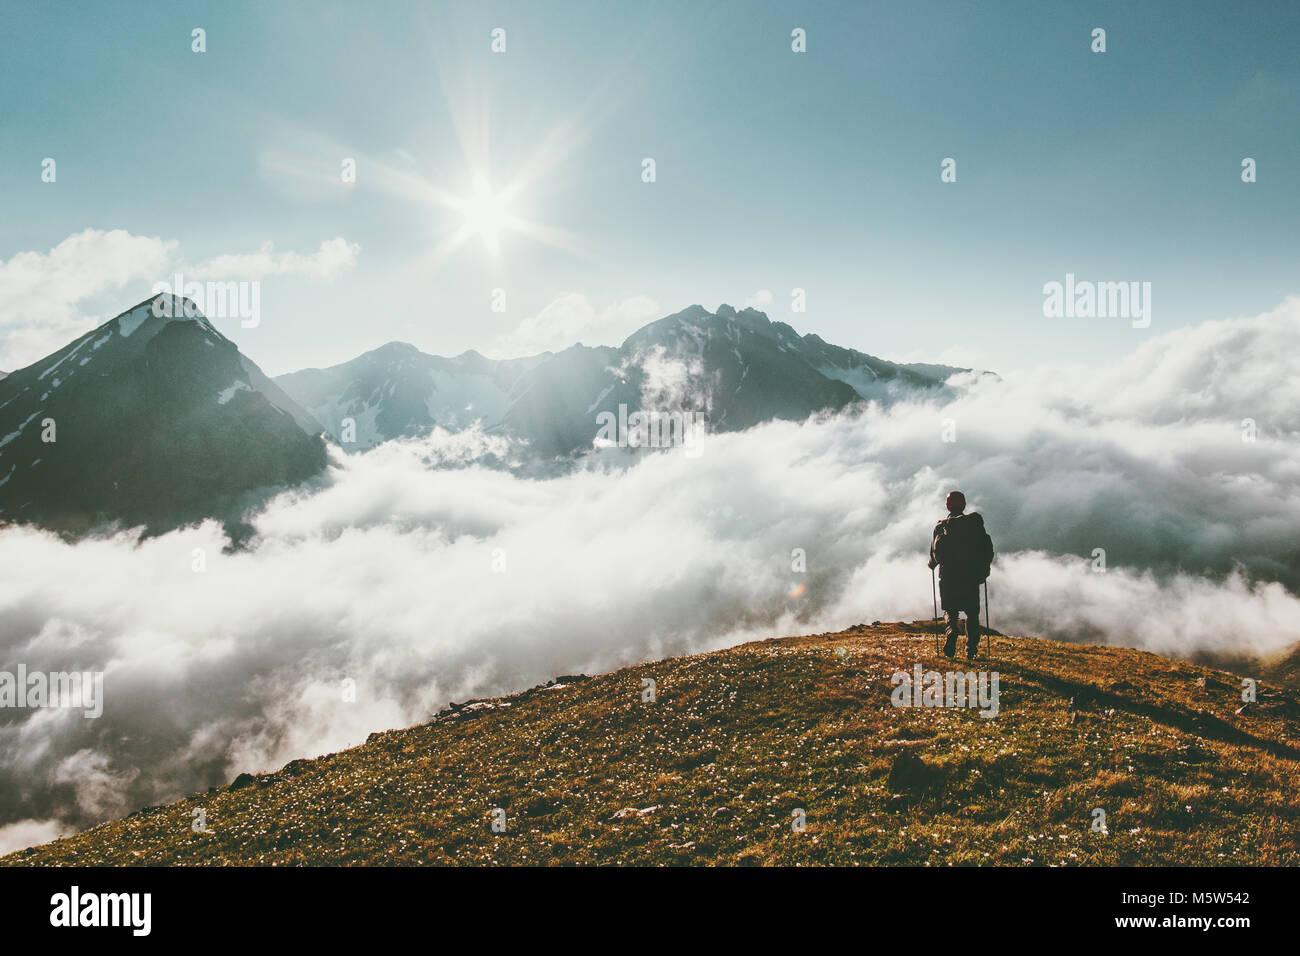 Traveler Wandern in den Bergen wolken landschaft Reisen lifestyle Abenteuer Konzept Sommer Ferien im Freien Stockbild